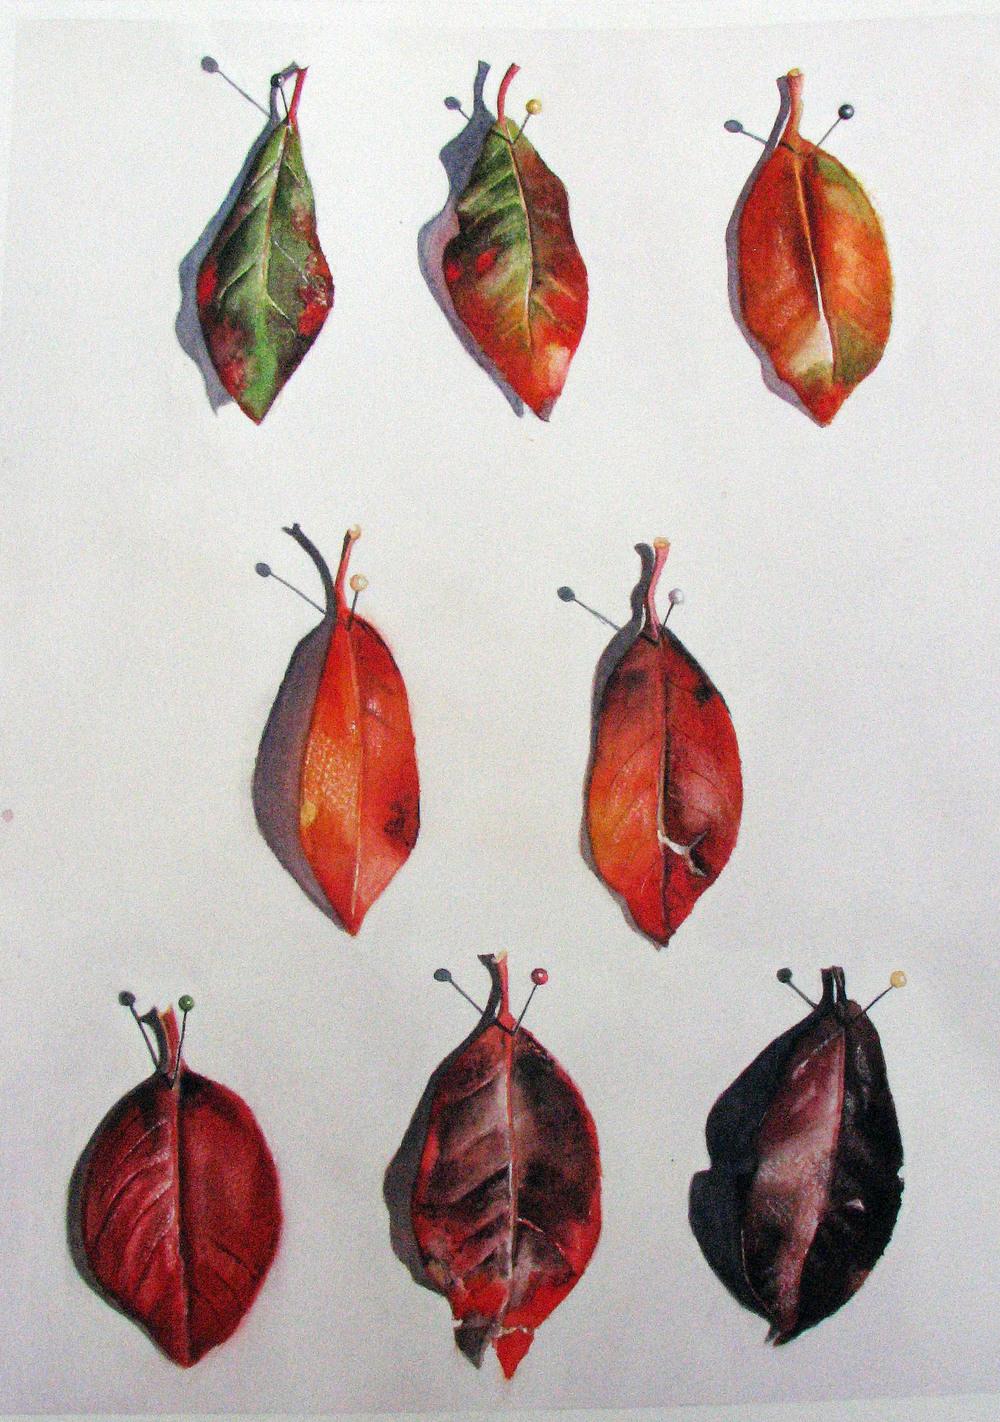 leaf trompIMG_0893.jpg